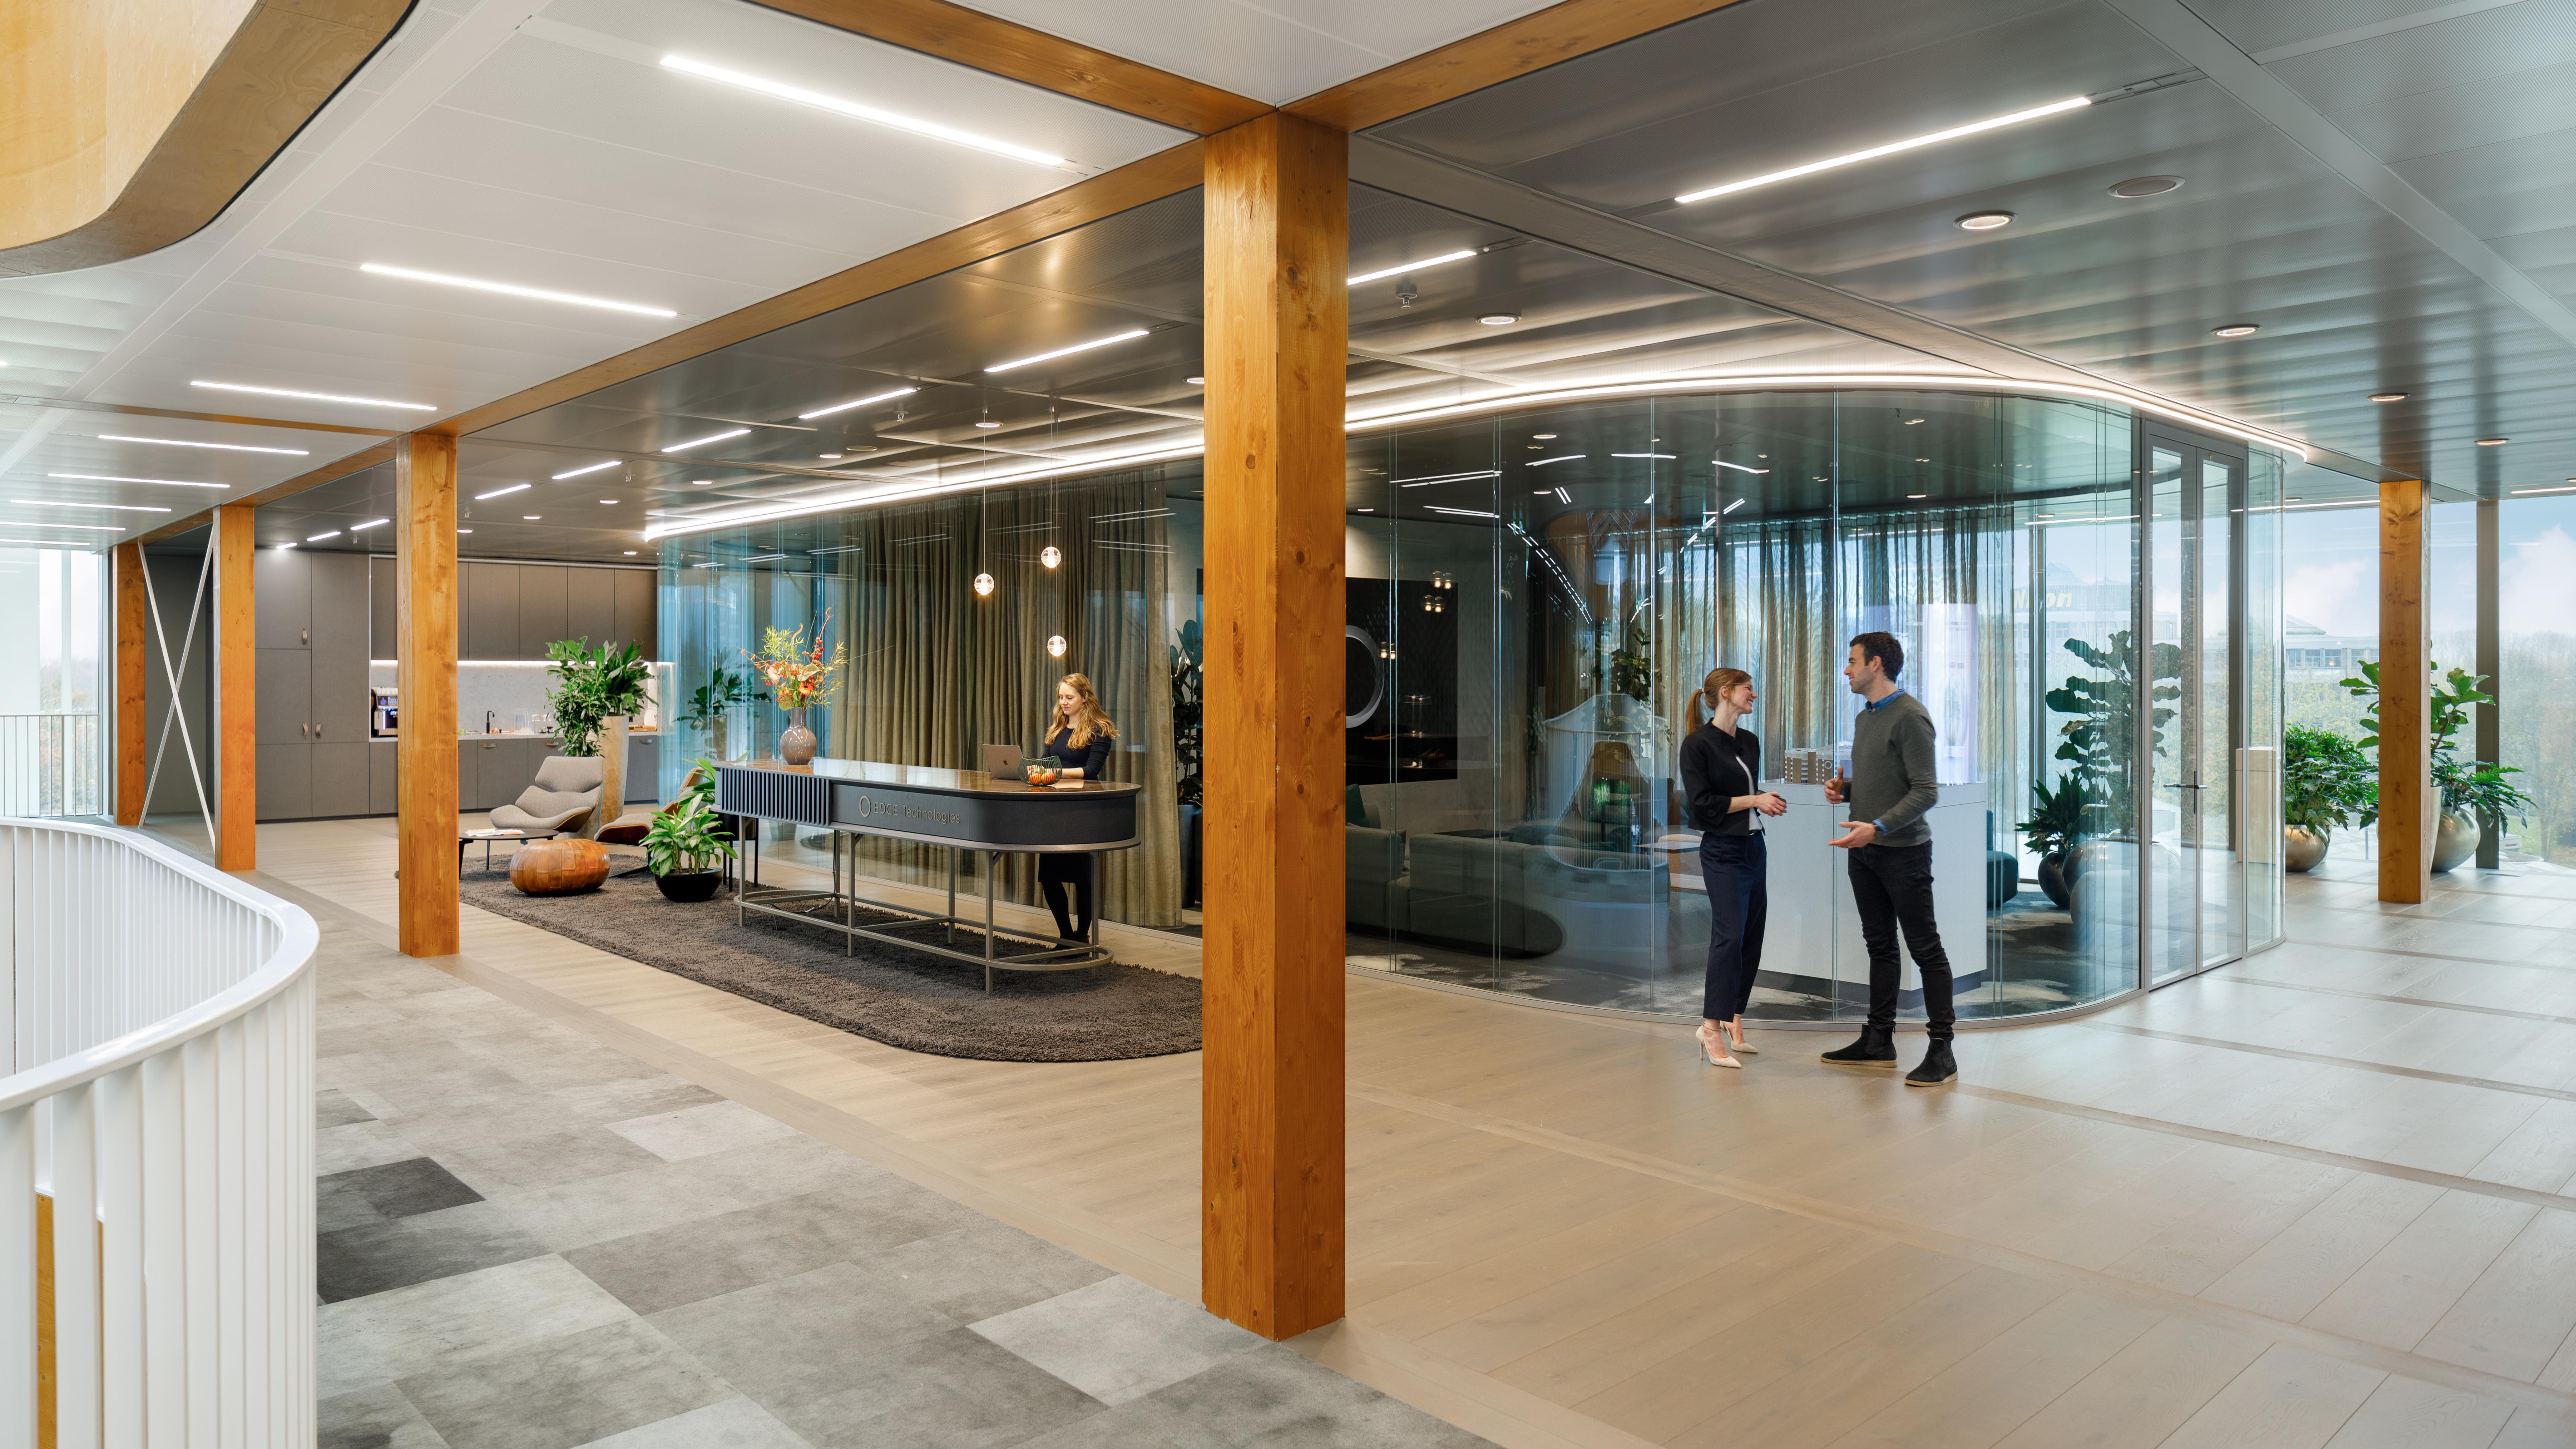 <p>Fotografie: Bram Vreugdenhil | Urban Zone | EDGE, een ontwikkelaar van een nieuwe generatie smart buildings, baseert zich op 4 pijlers: design, gezondheid, duurzaamheid, technologie.</p>